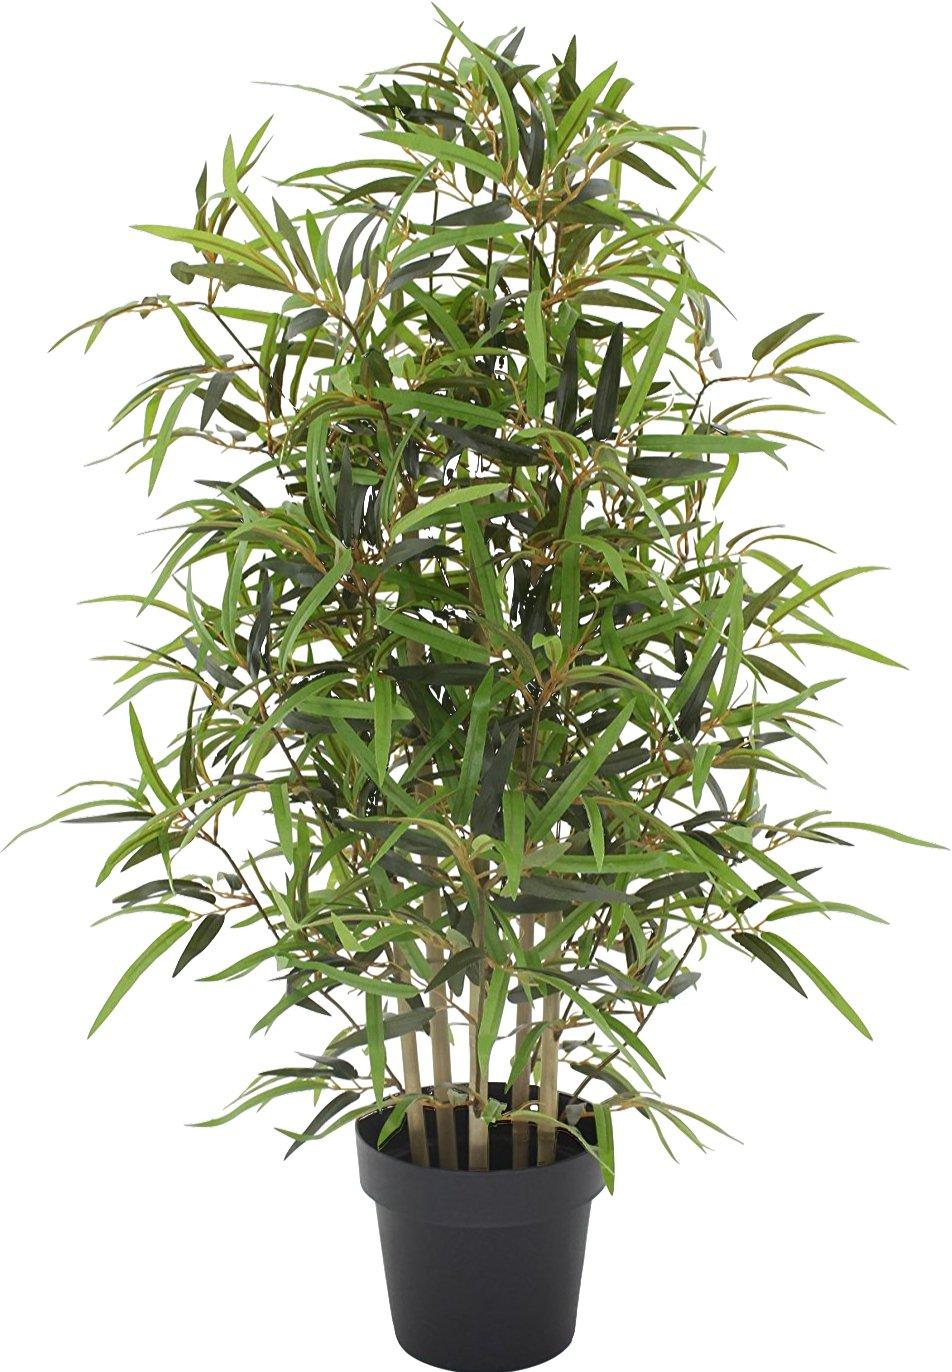 Bamboo Bambu - Albero Artificiale Da Arredo Esterno Con Tronchi Veri - Resistente Ai Raggi U.V. Certificato TUV - Alto 100 cm Verdevip